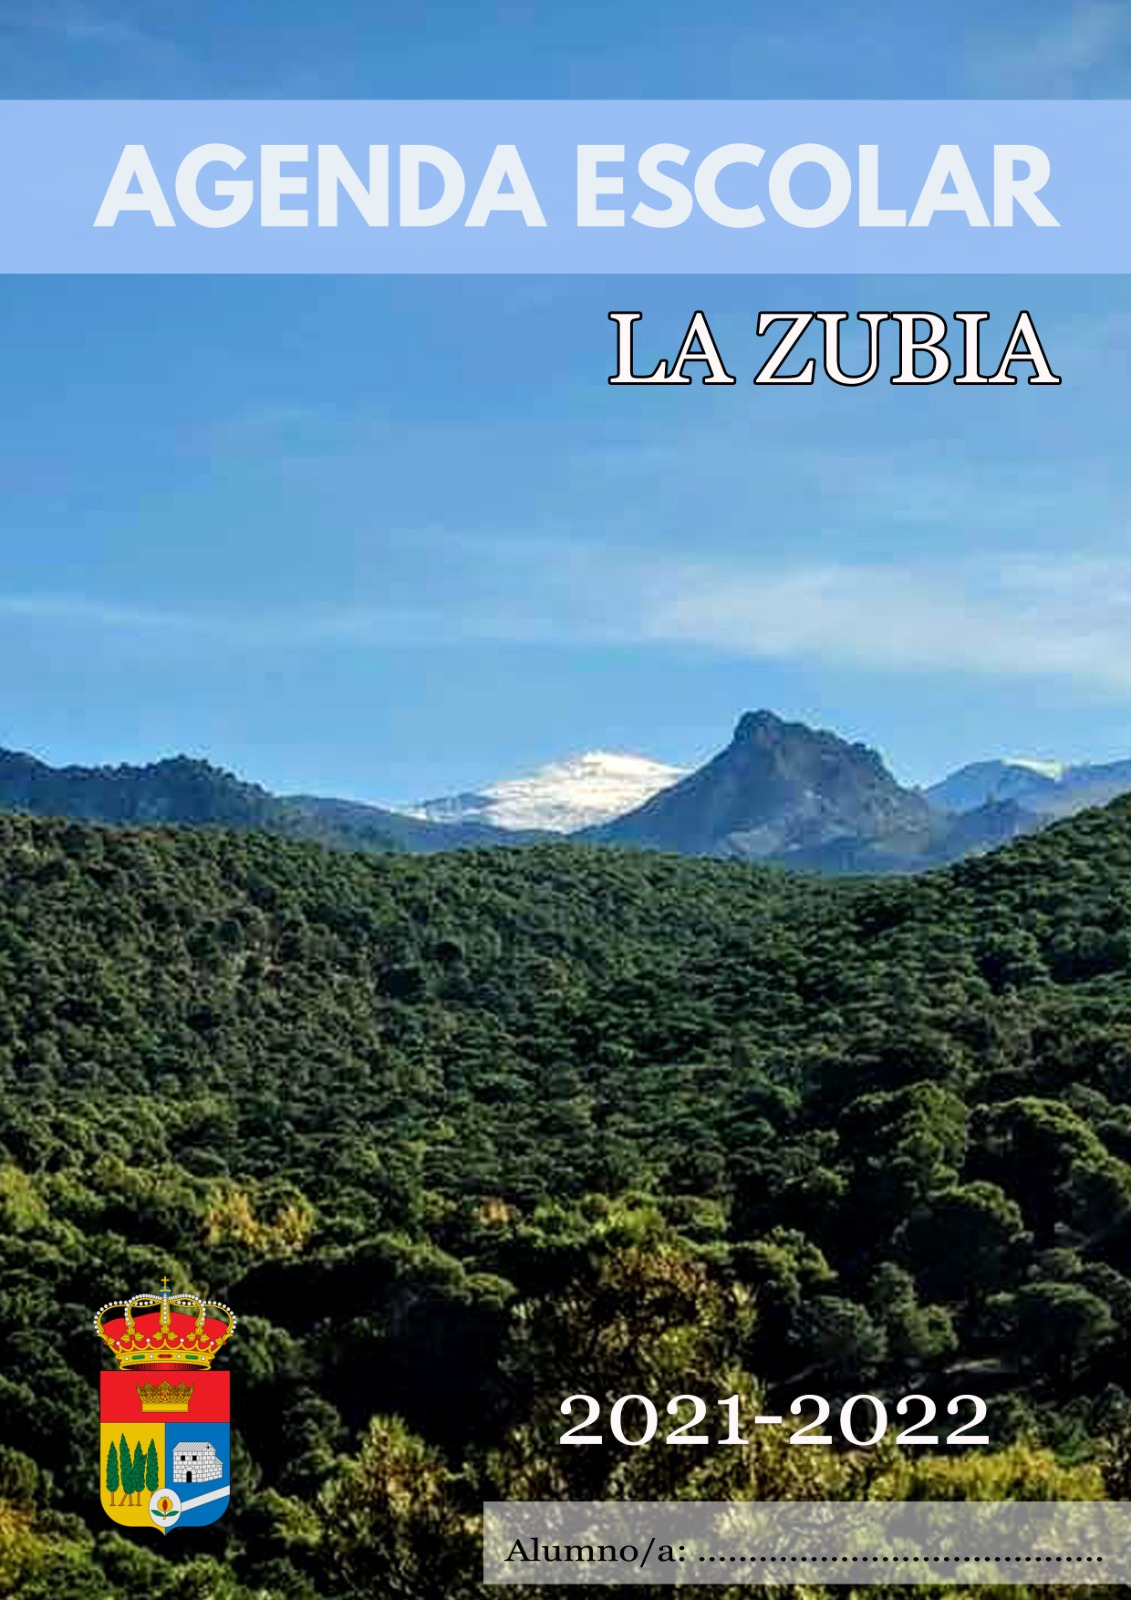 El Ayuntamiento de La Zubia reparte más de 2600 agendas entre todos los escolares del municipio